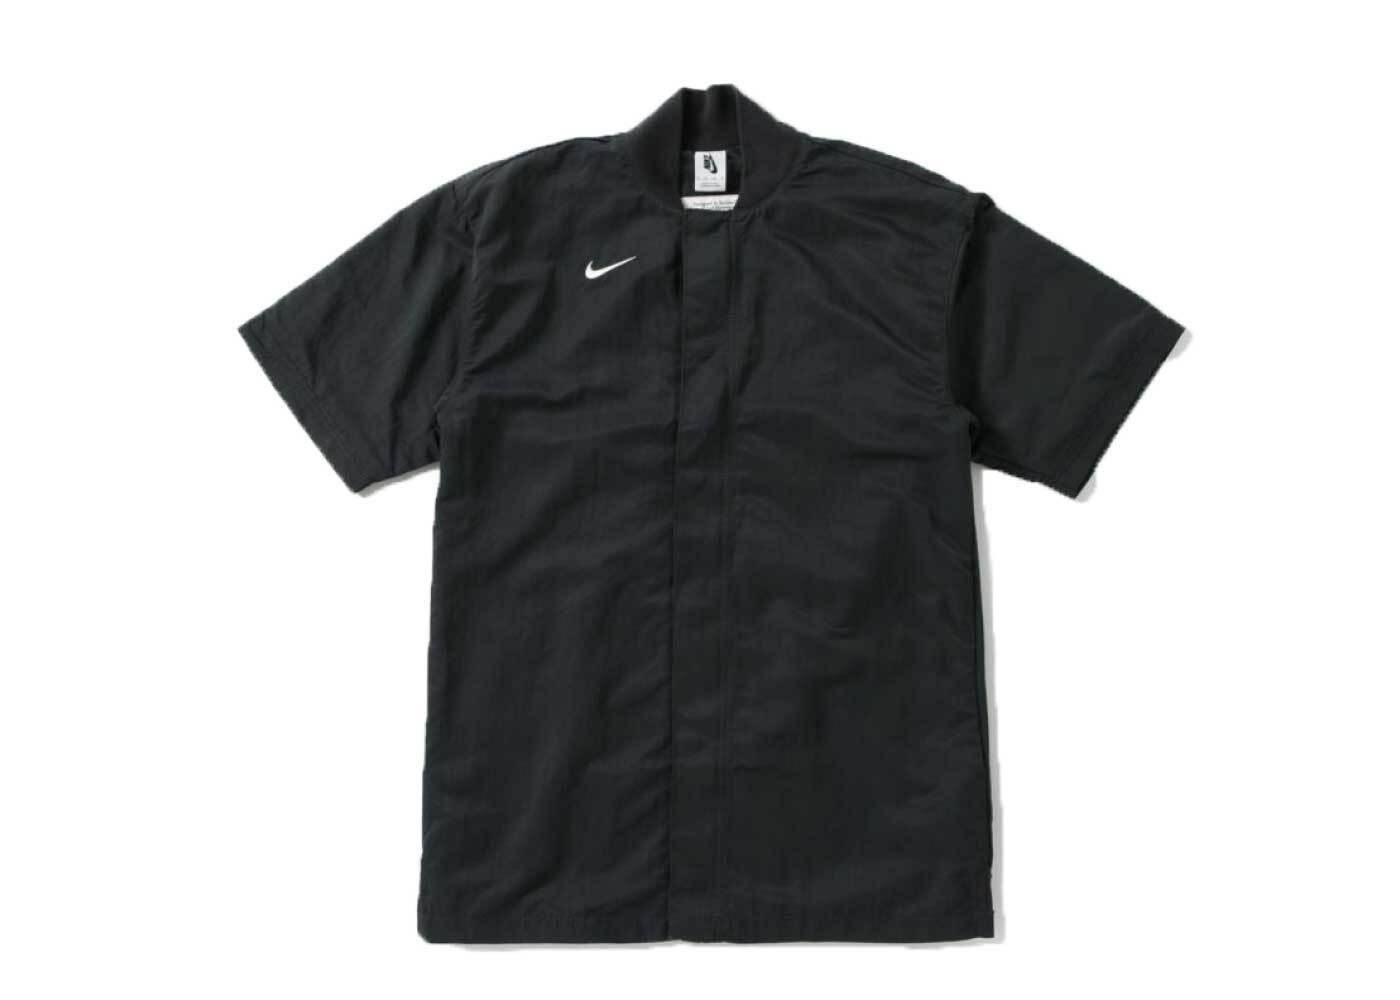 Nike × Fear of God M NRG W Warm UP Top Blackの写真